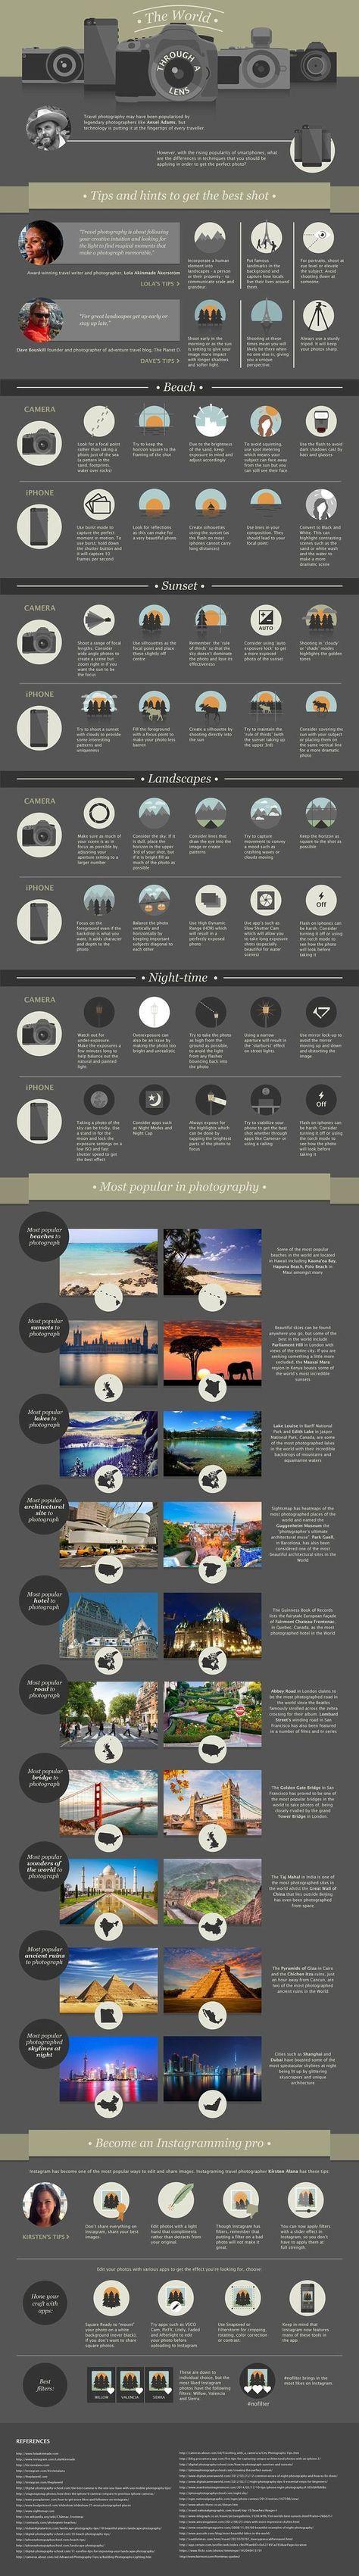 Geniales consejos de iluminación y fotografía